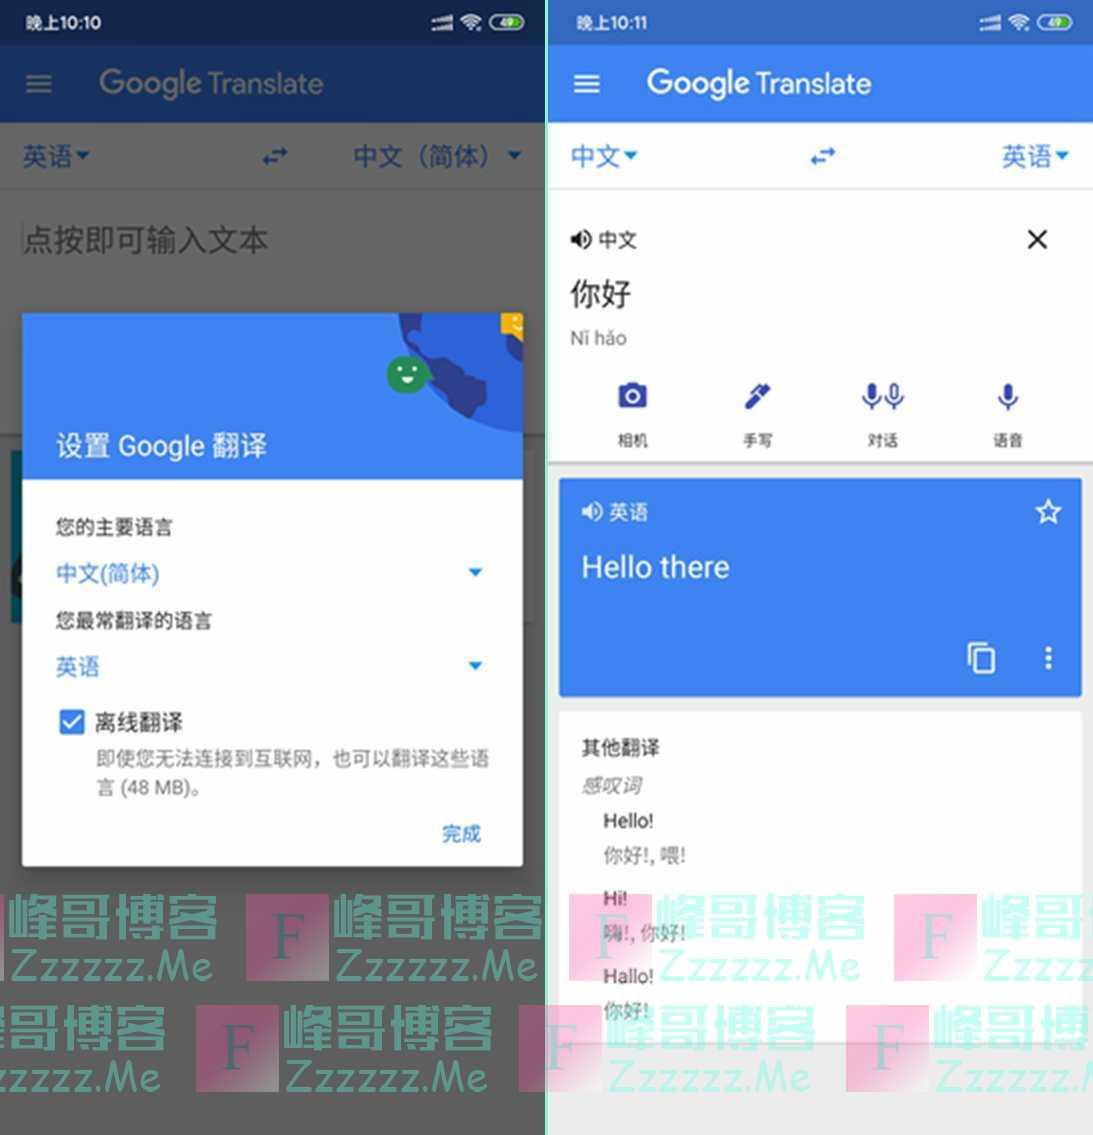 安卓Goole Translate谷歌翻译 V6.3.0 最新版下载